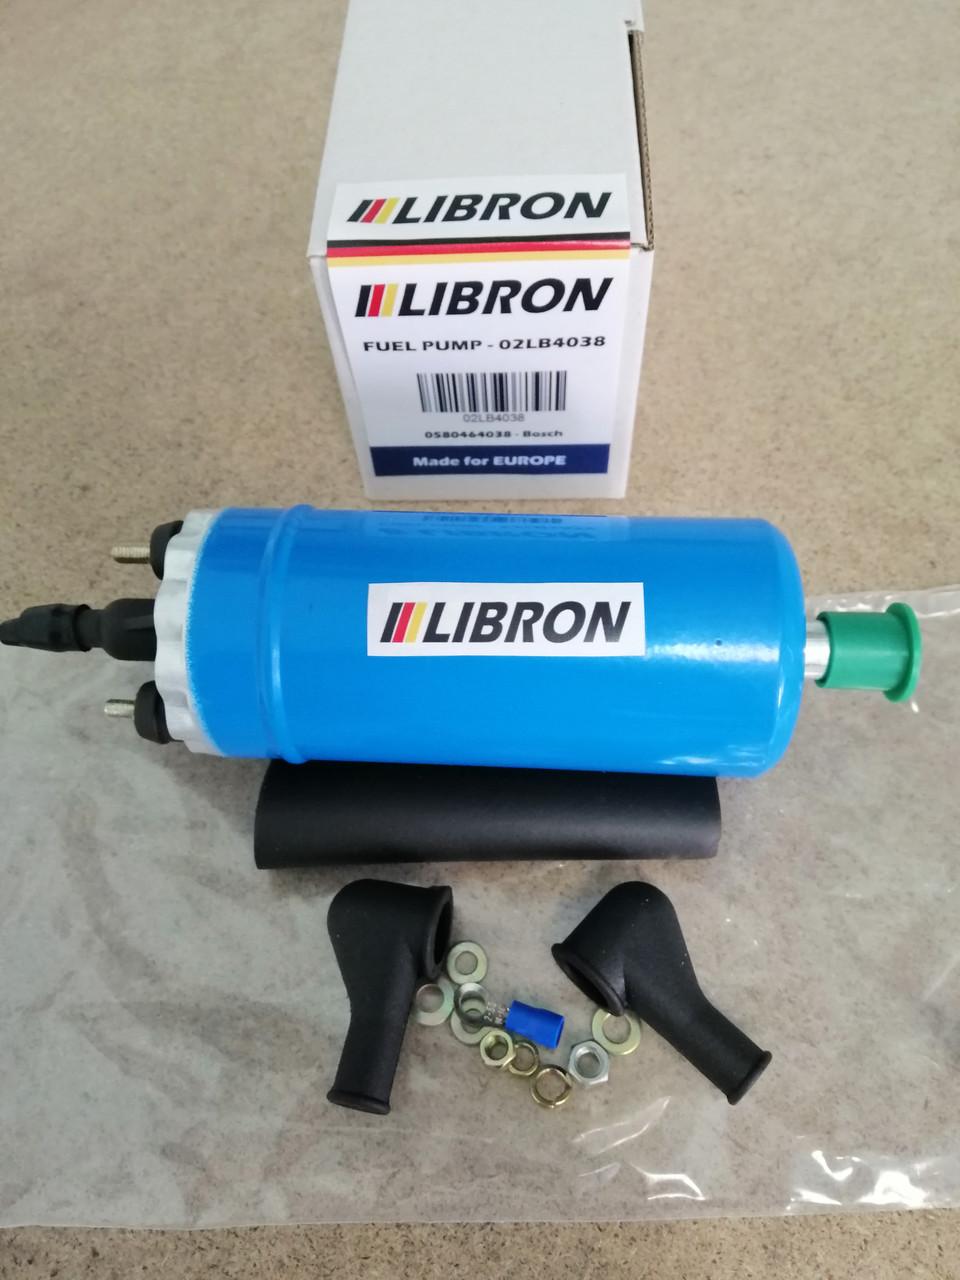 Топливный насос LIBRON 02LB4038 - Опель Кадет E универсал (35_, 36_, 45_, 46_) 1.6 i (1986-1991)